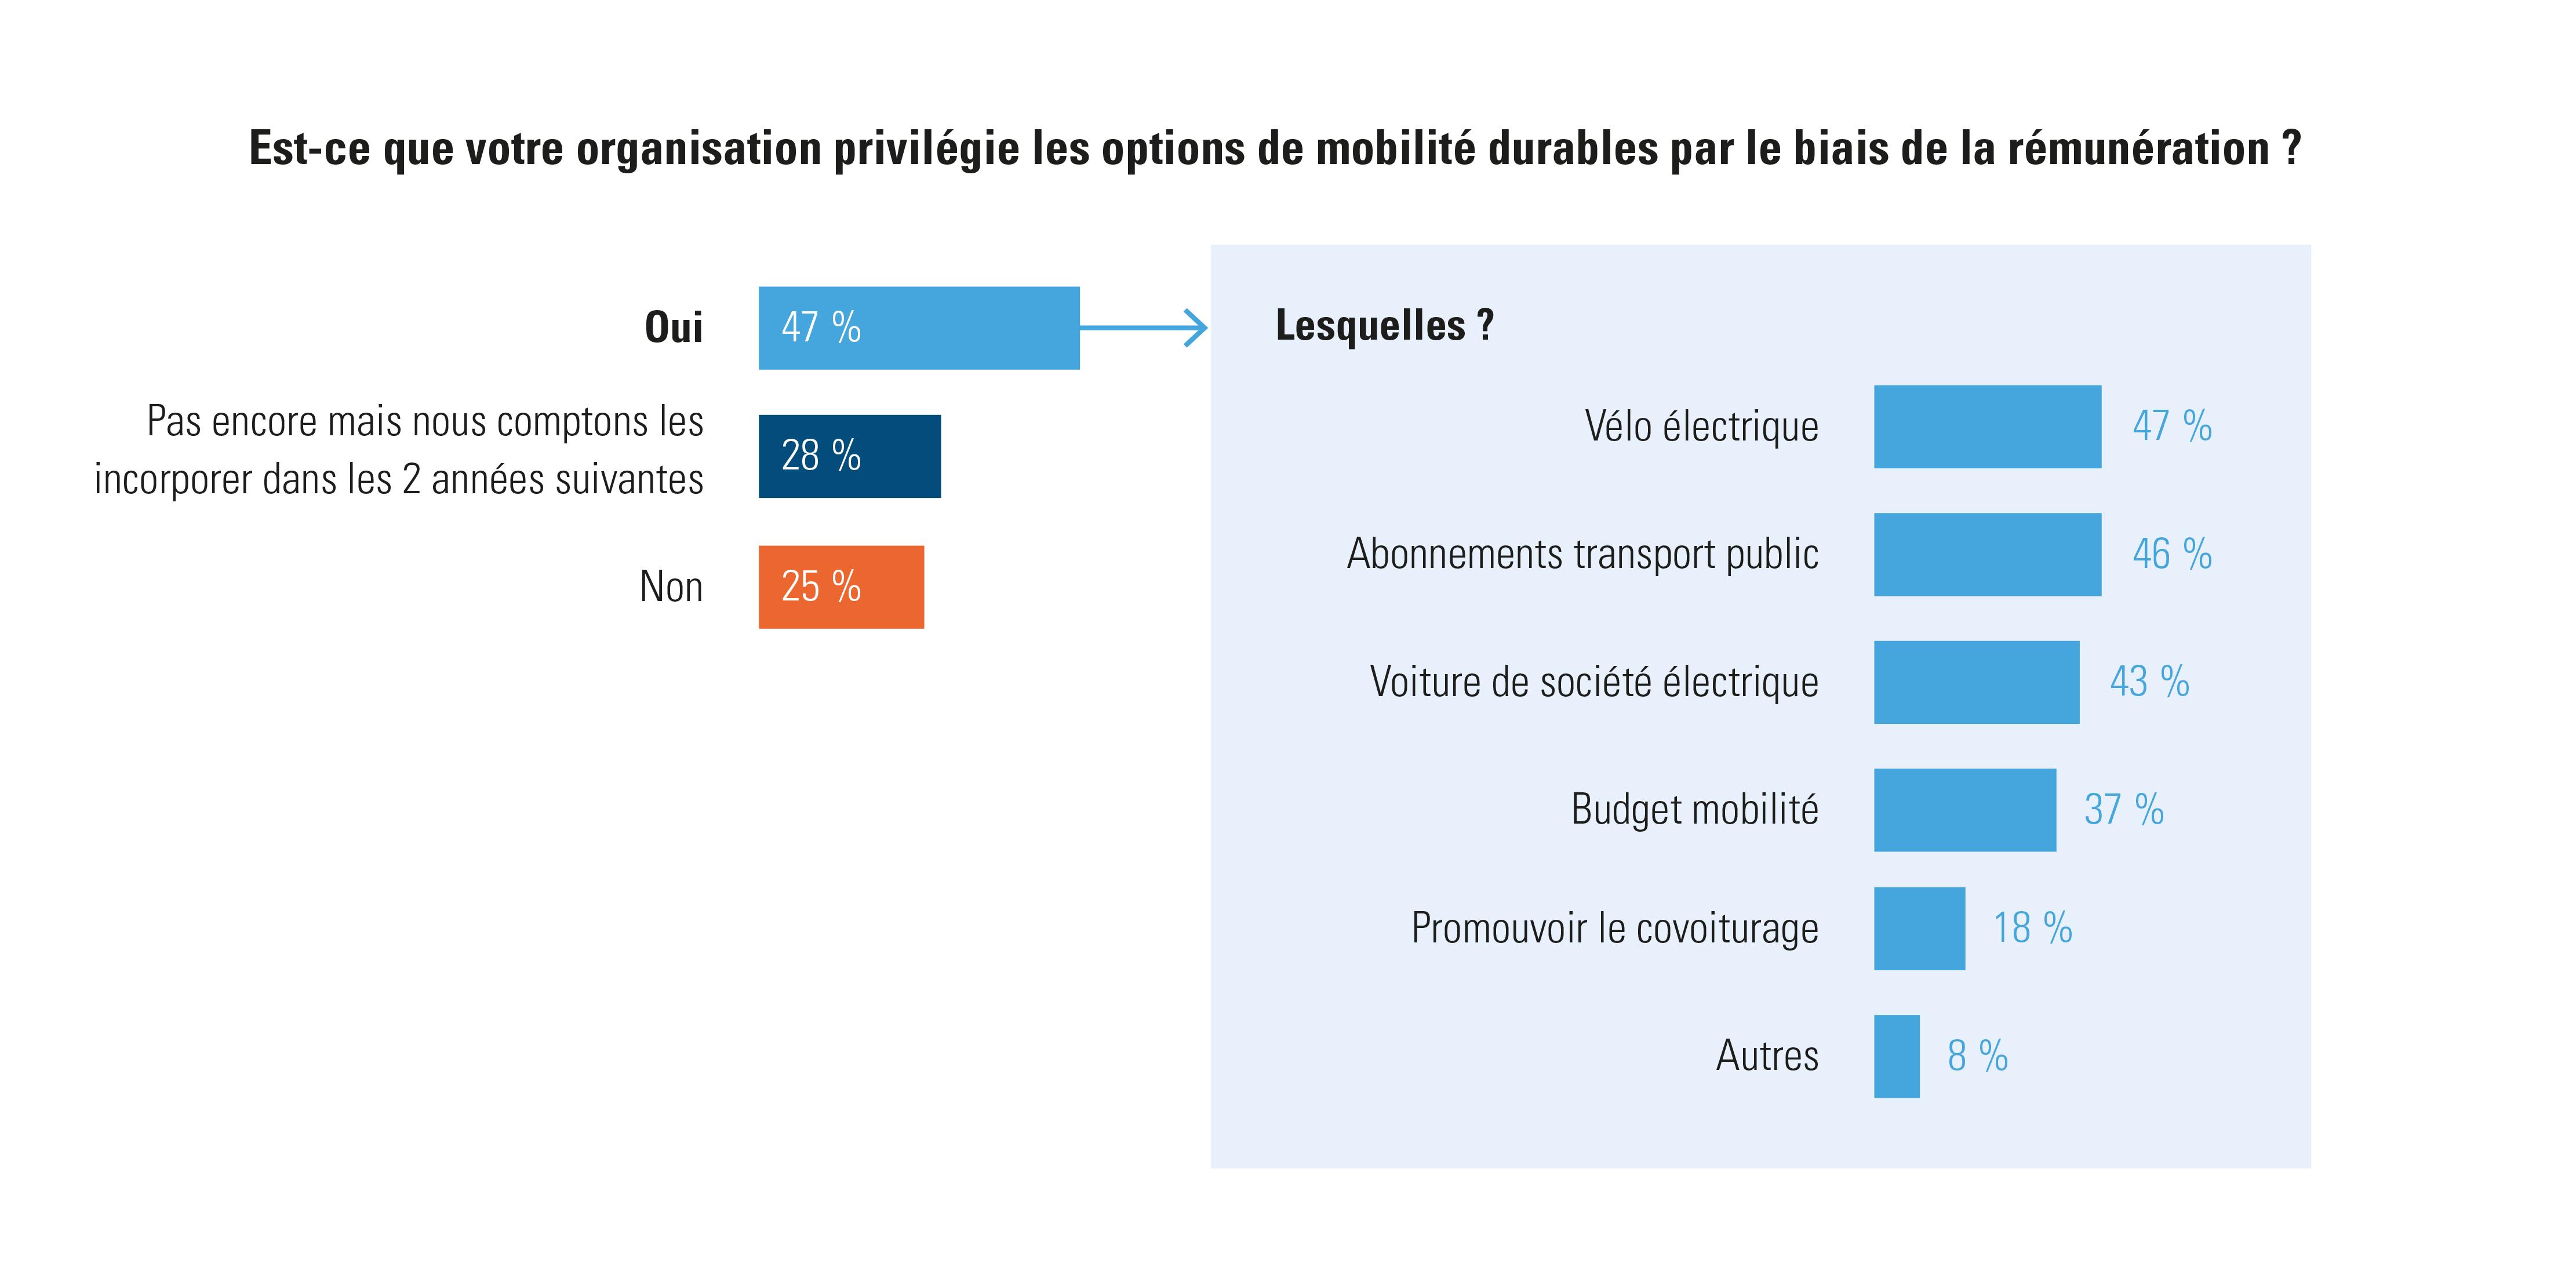 Si et comment les employeurs encouragent la mobilité durable par le biais de la rémunération